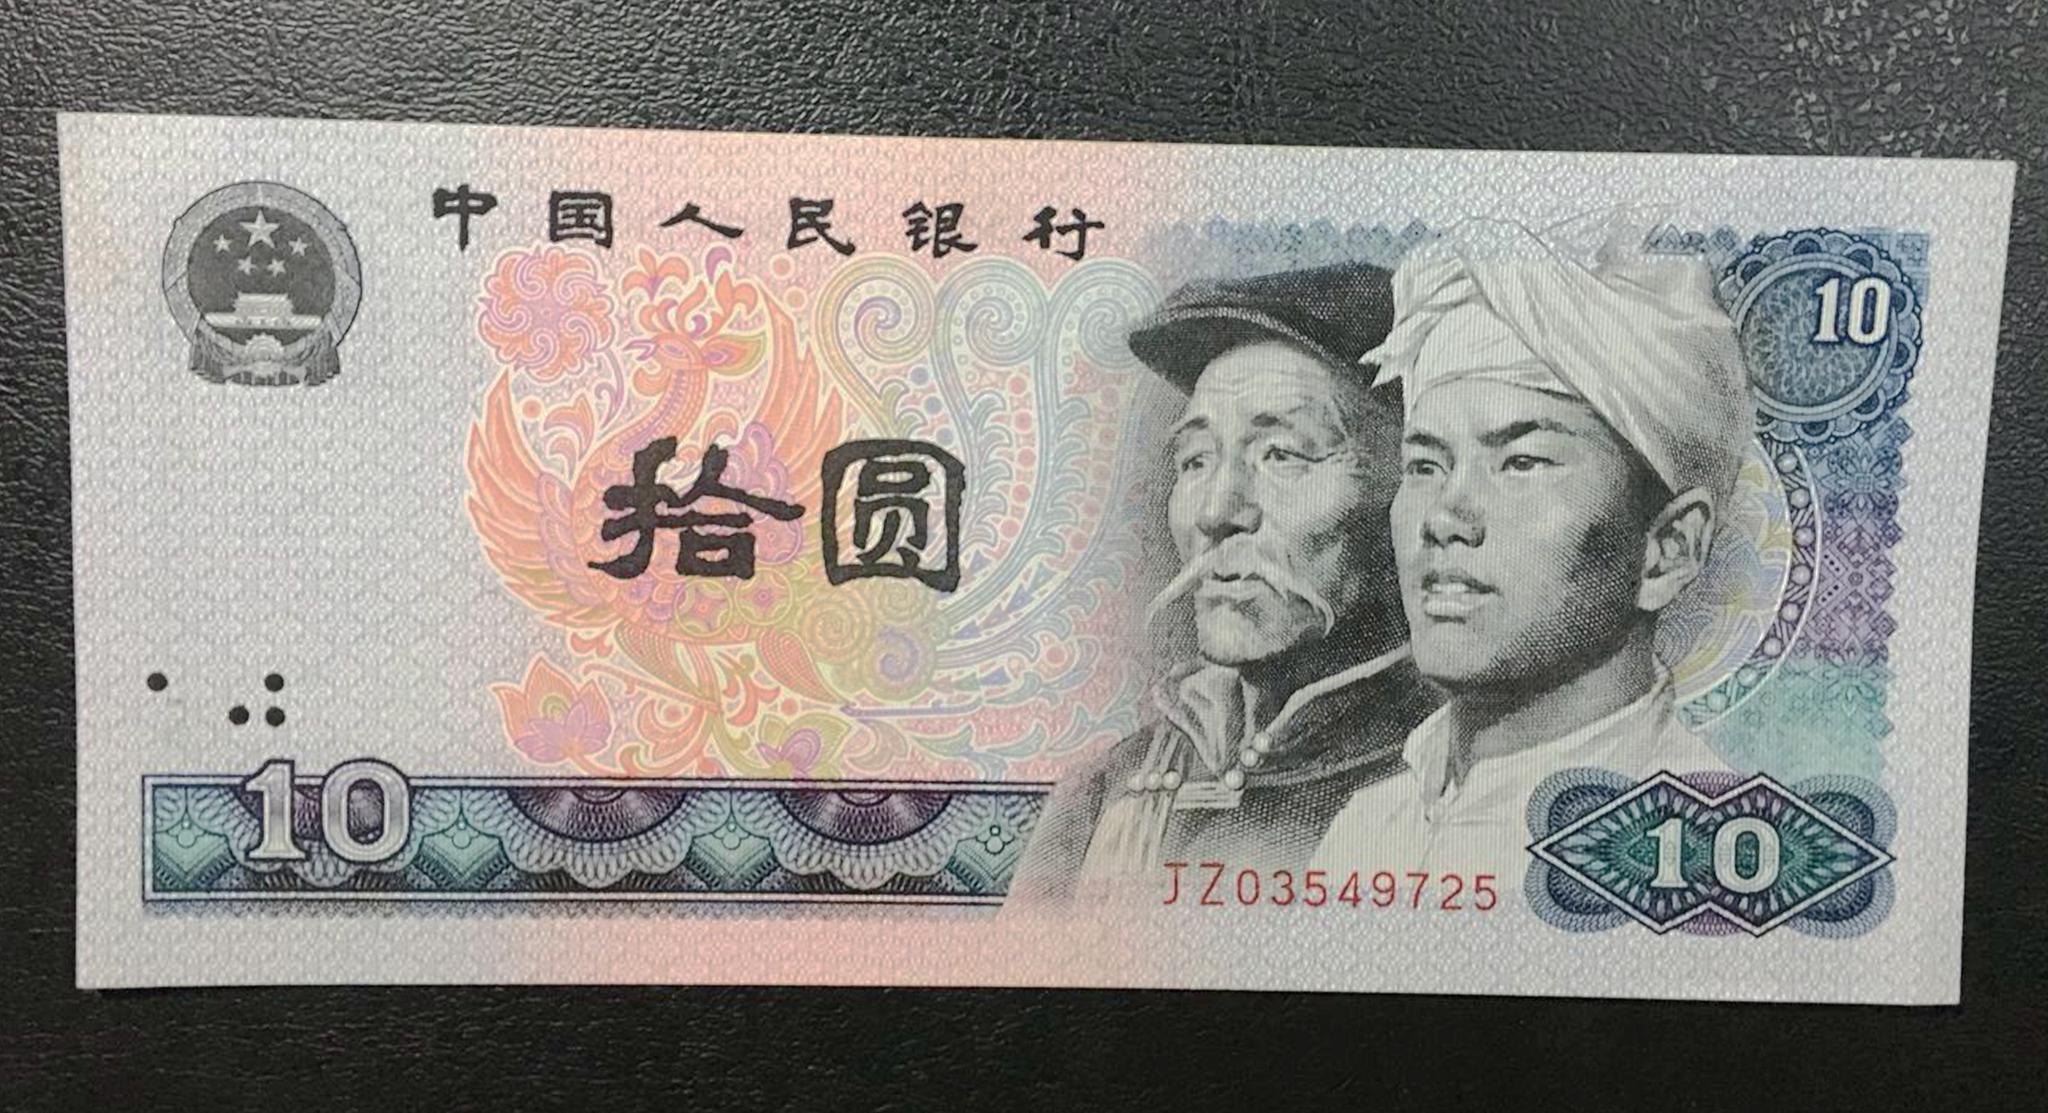 今非昔比的10元旧版币,一张能卖230元,你能找到吗?